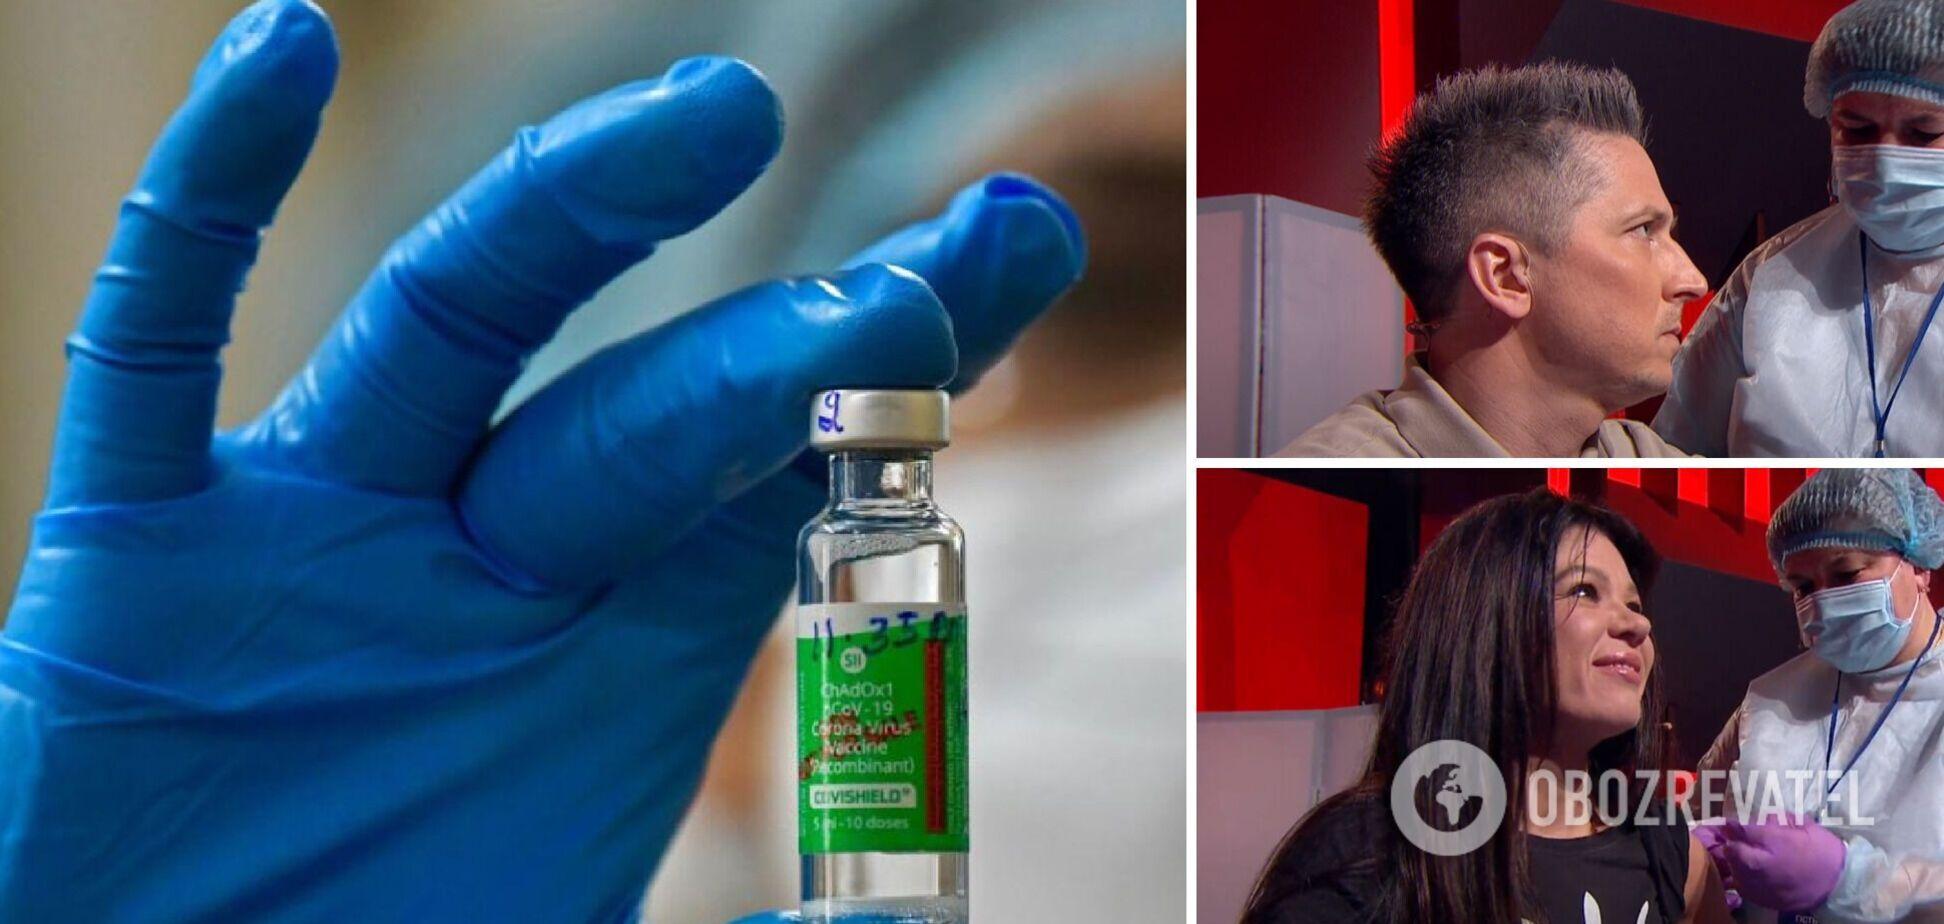 Педан, Руслана, чемпіон світу та відомі лікарі вакцинувалися в прямому ефірі. Відео